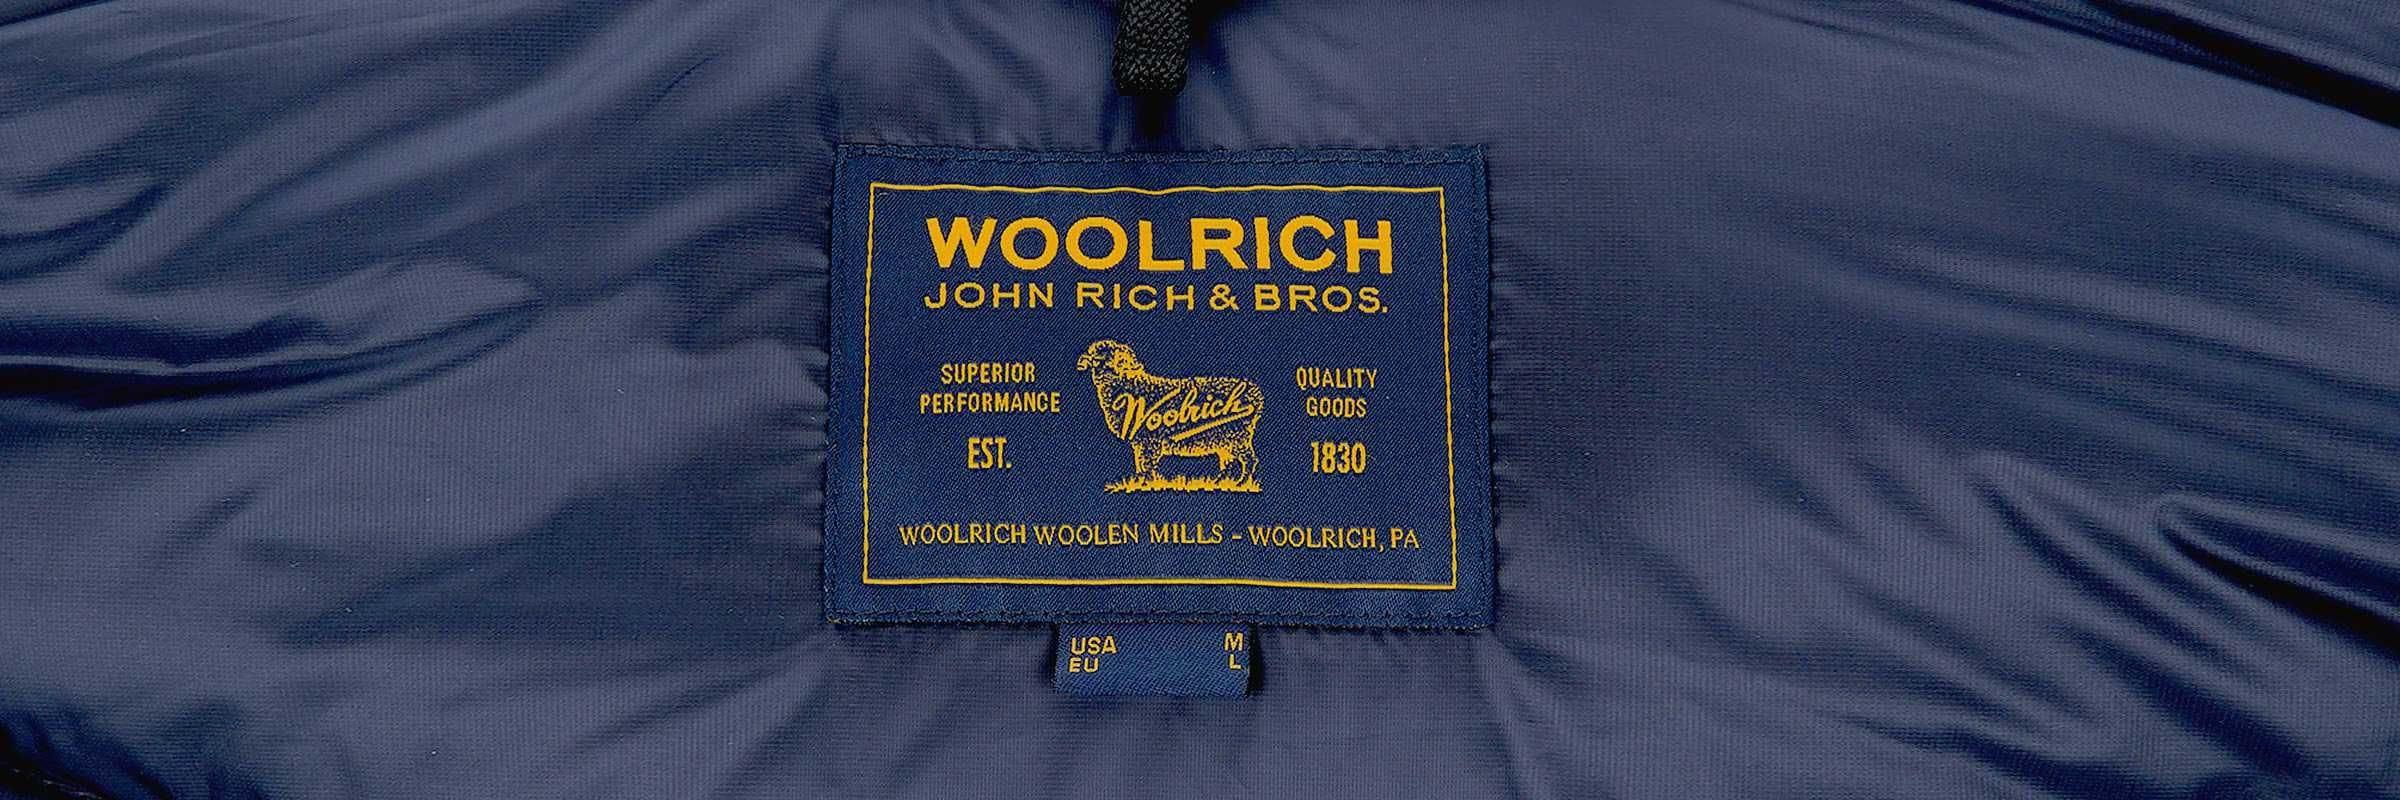 d couvrez la collection a h de woolrich john rich bros. Black Bedroom Furniture Sets. Home Design Ideas